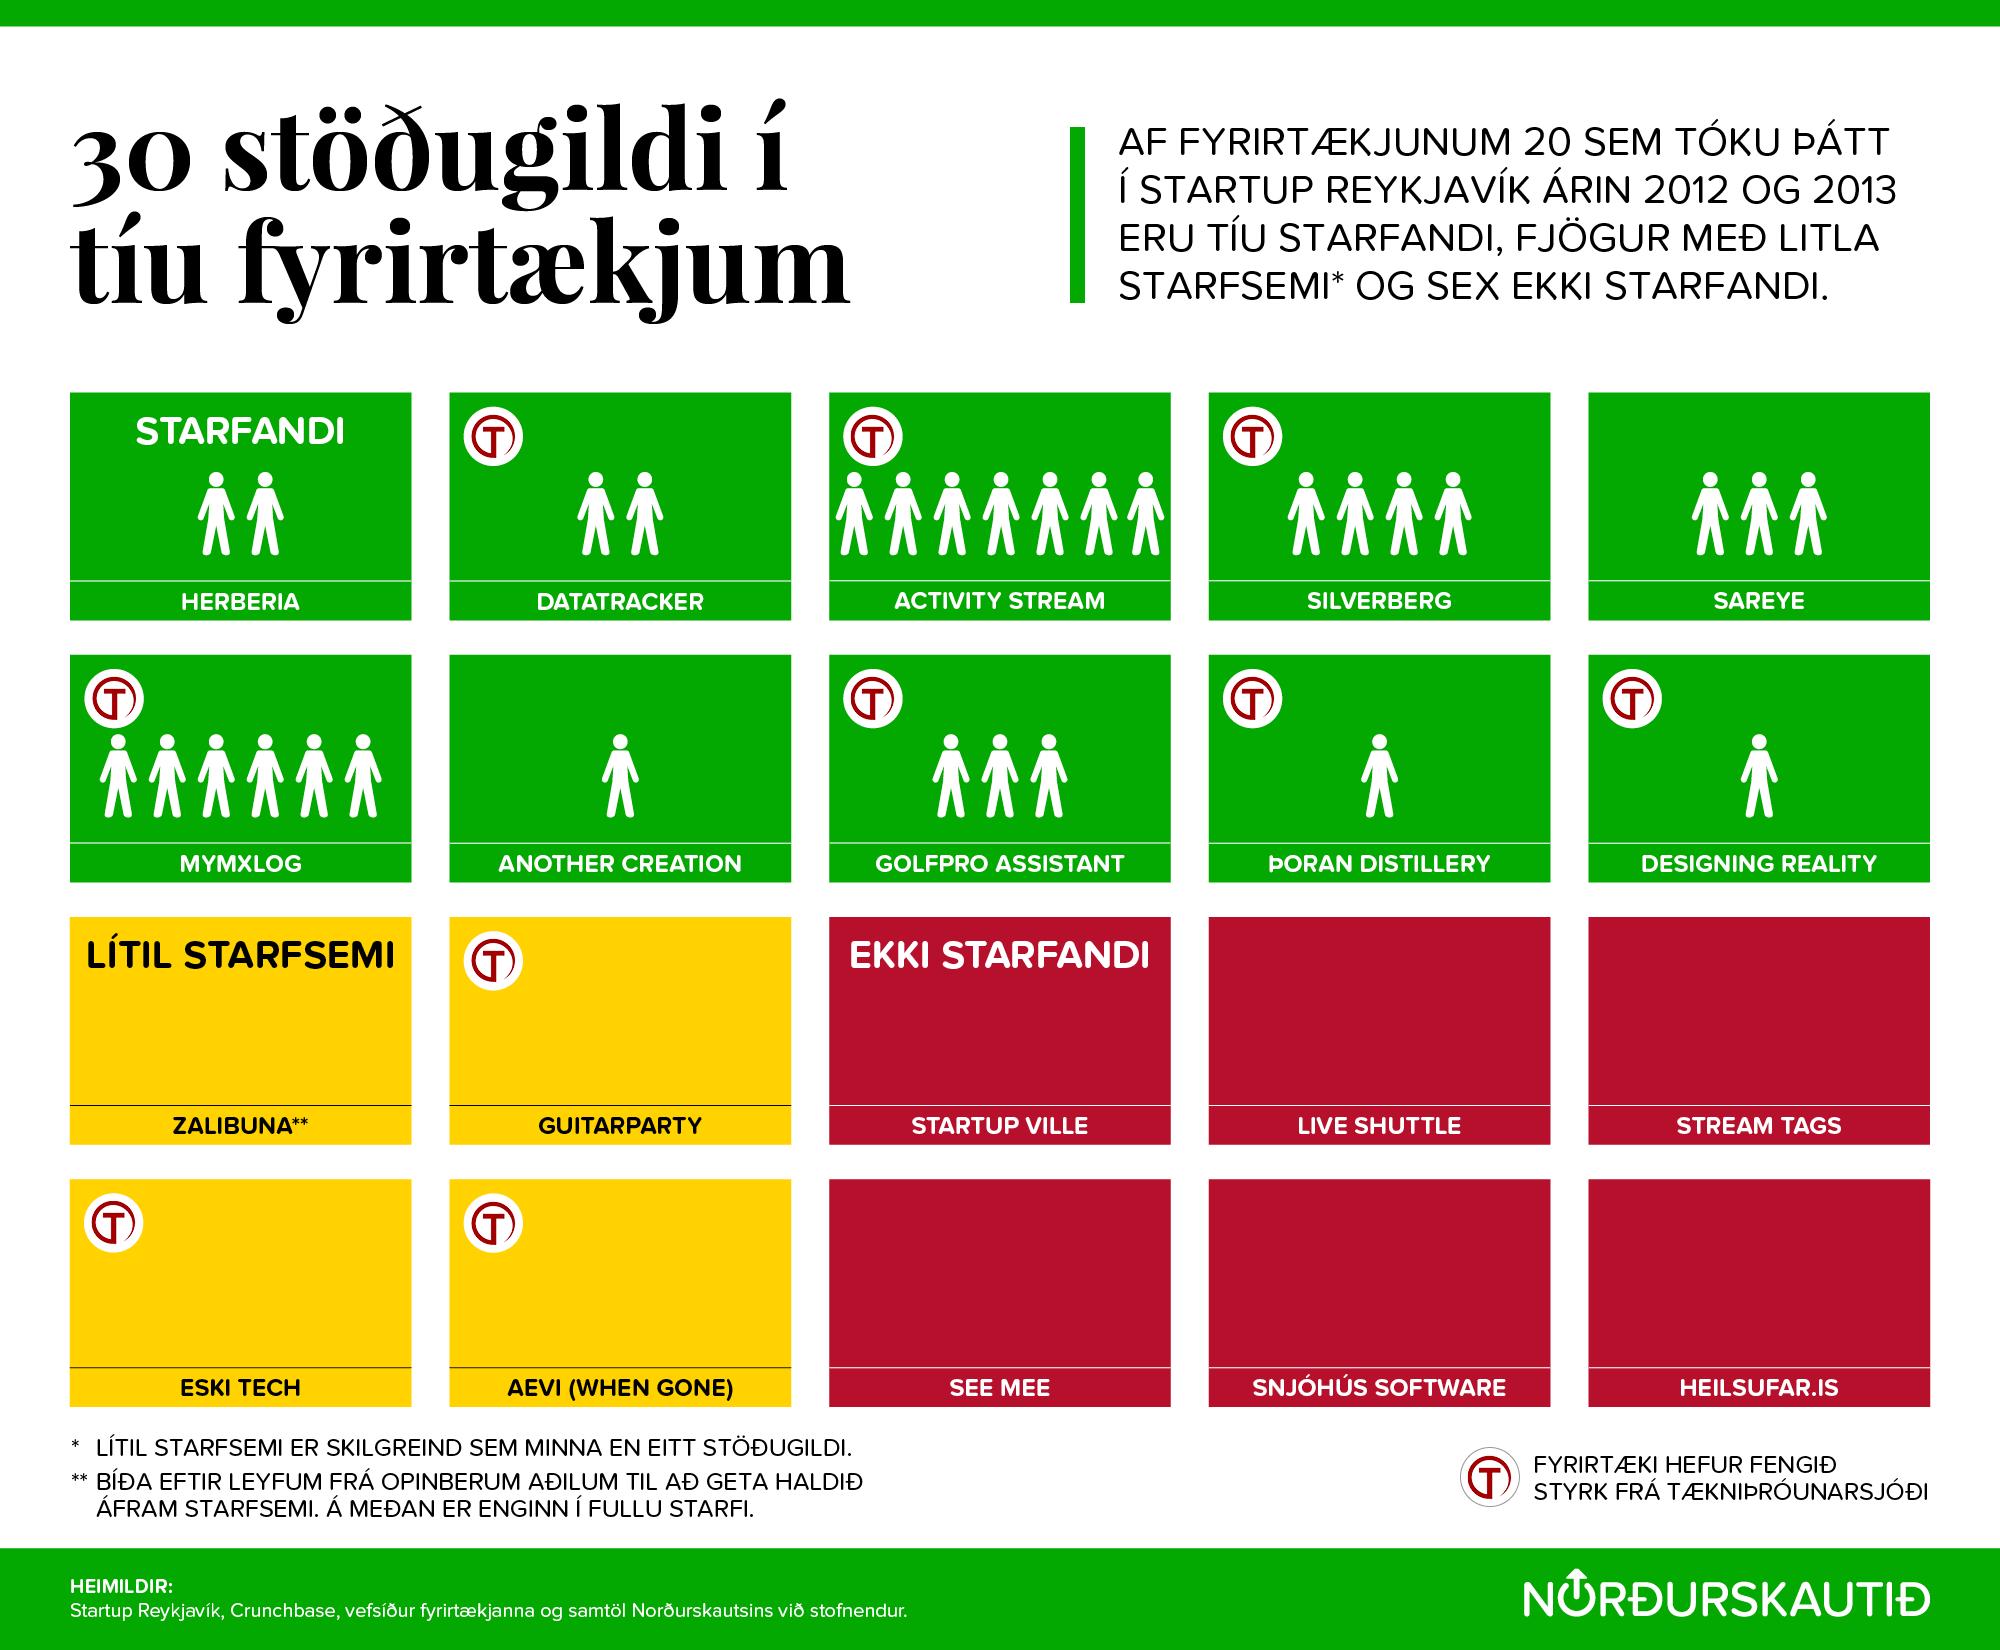 Taflan sýnir afdrif þeirra fyrirtækja sem tóku þátt í Startup Reykjavík á árunum 2012 og 2013. Taflan er unninn af Nordurskautid.is og er birt með leyfi vefsíðunnar.